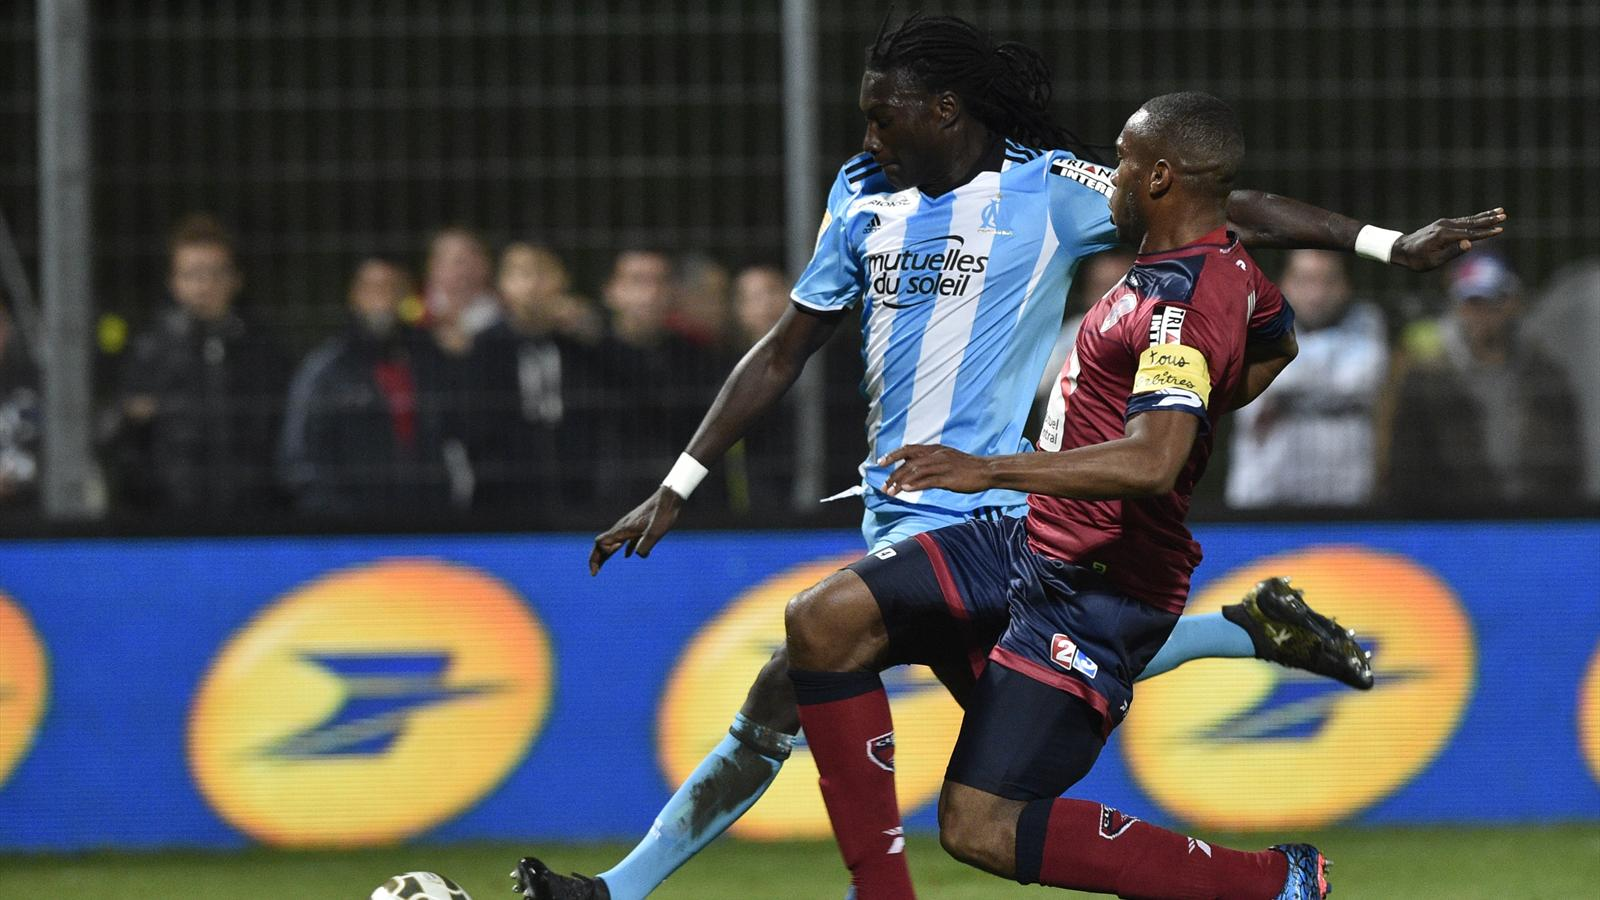 En direct live clermont foot om coupe de la ligue - Resultats coupe de la ligue en direct ...